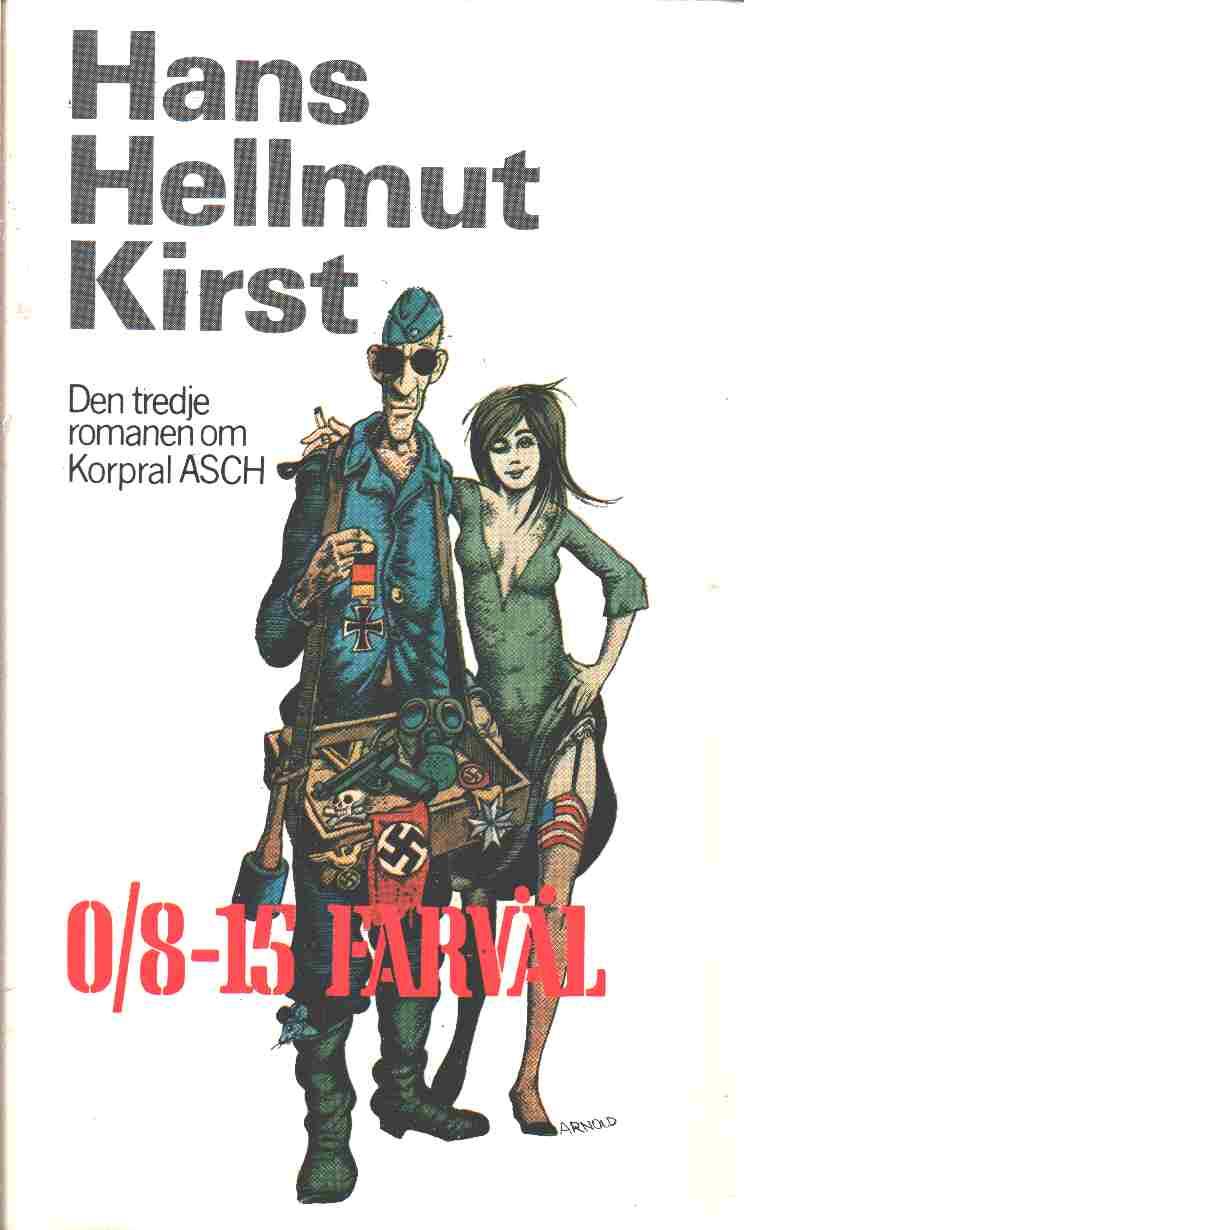 0/8-15 farväl : [den tredje romanen om korpral Asch] - Kirst, Hans Hellmut